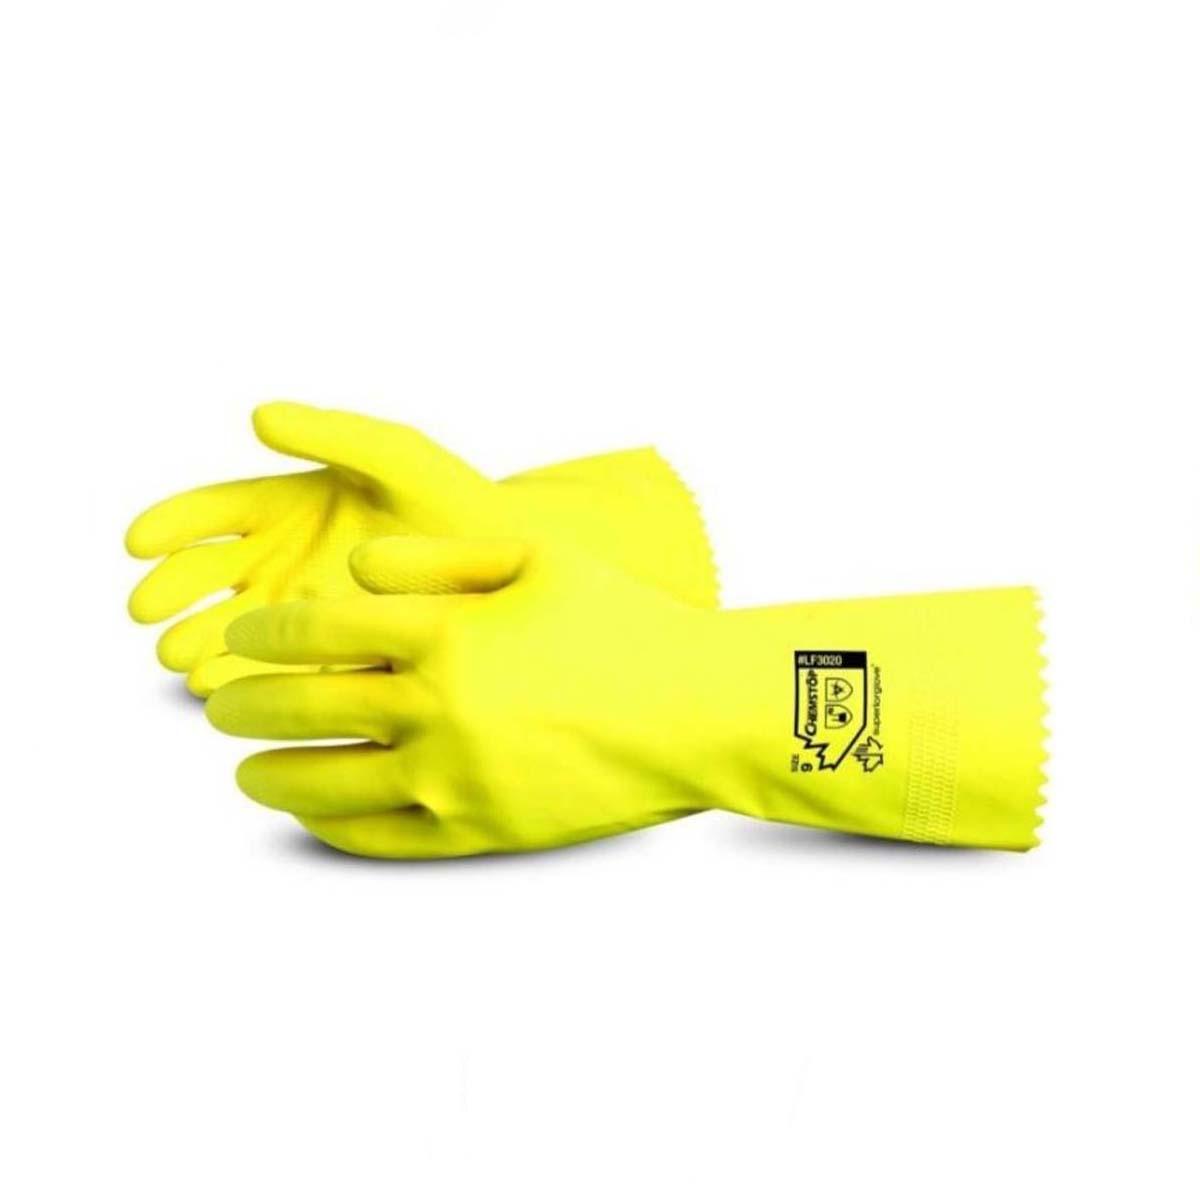 Combo 2 đôi Găng tay chống hóa chất SUPERIOR LF3020 Chemstop an toàn cho thực phẩm